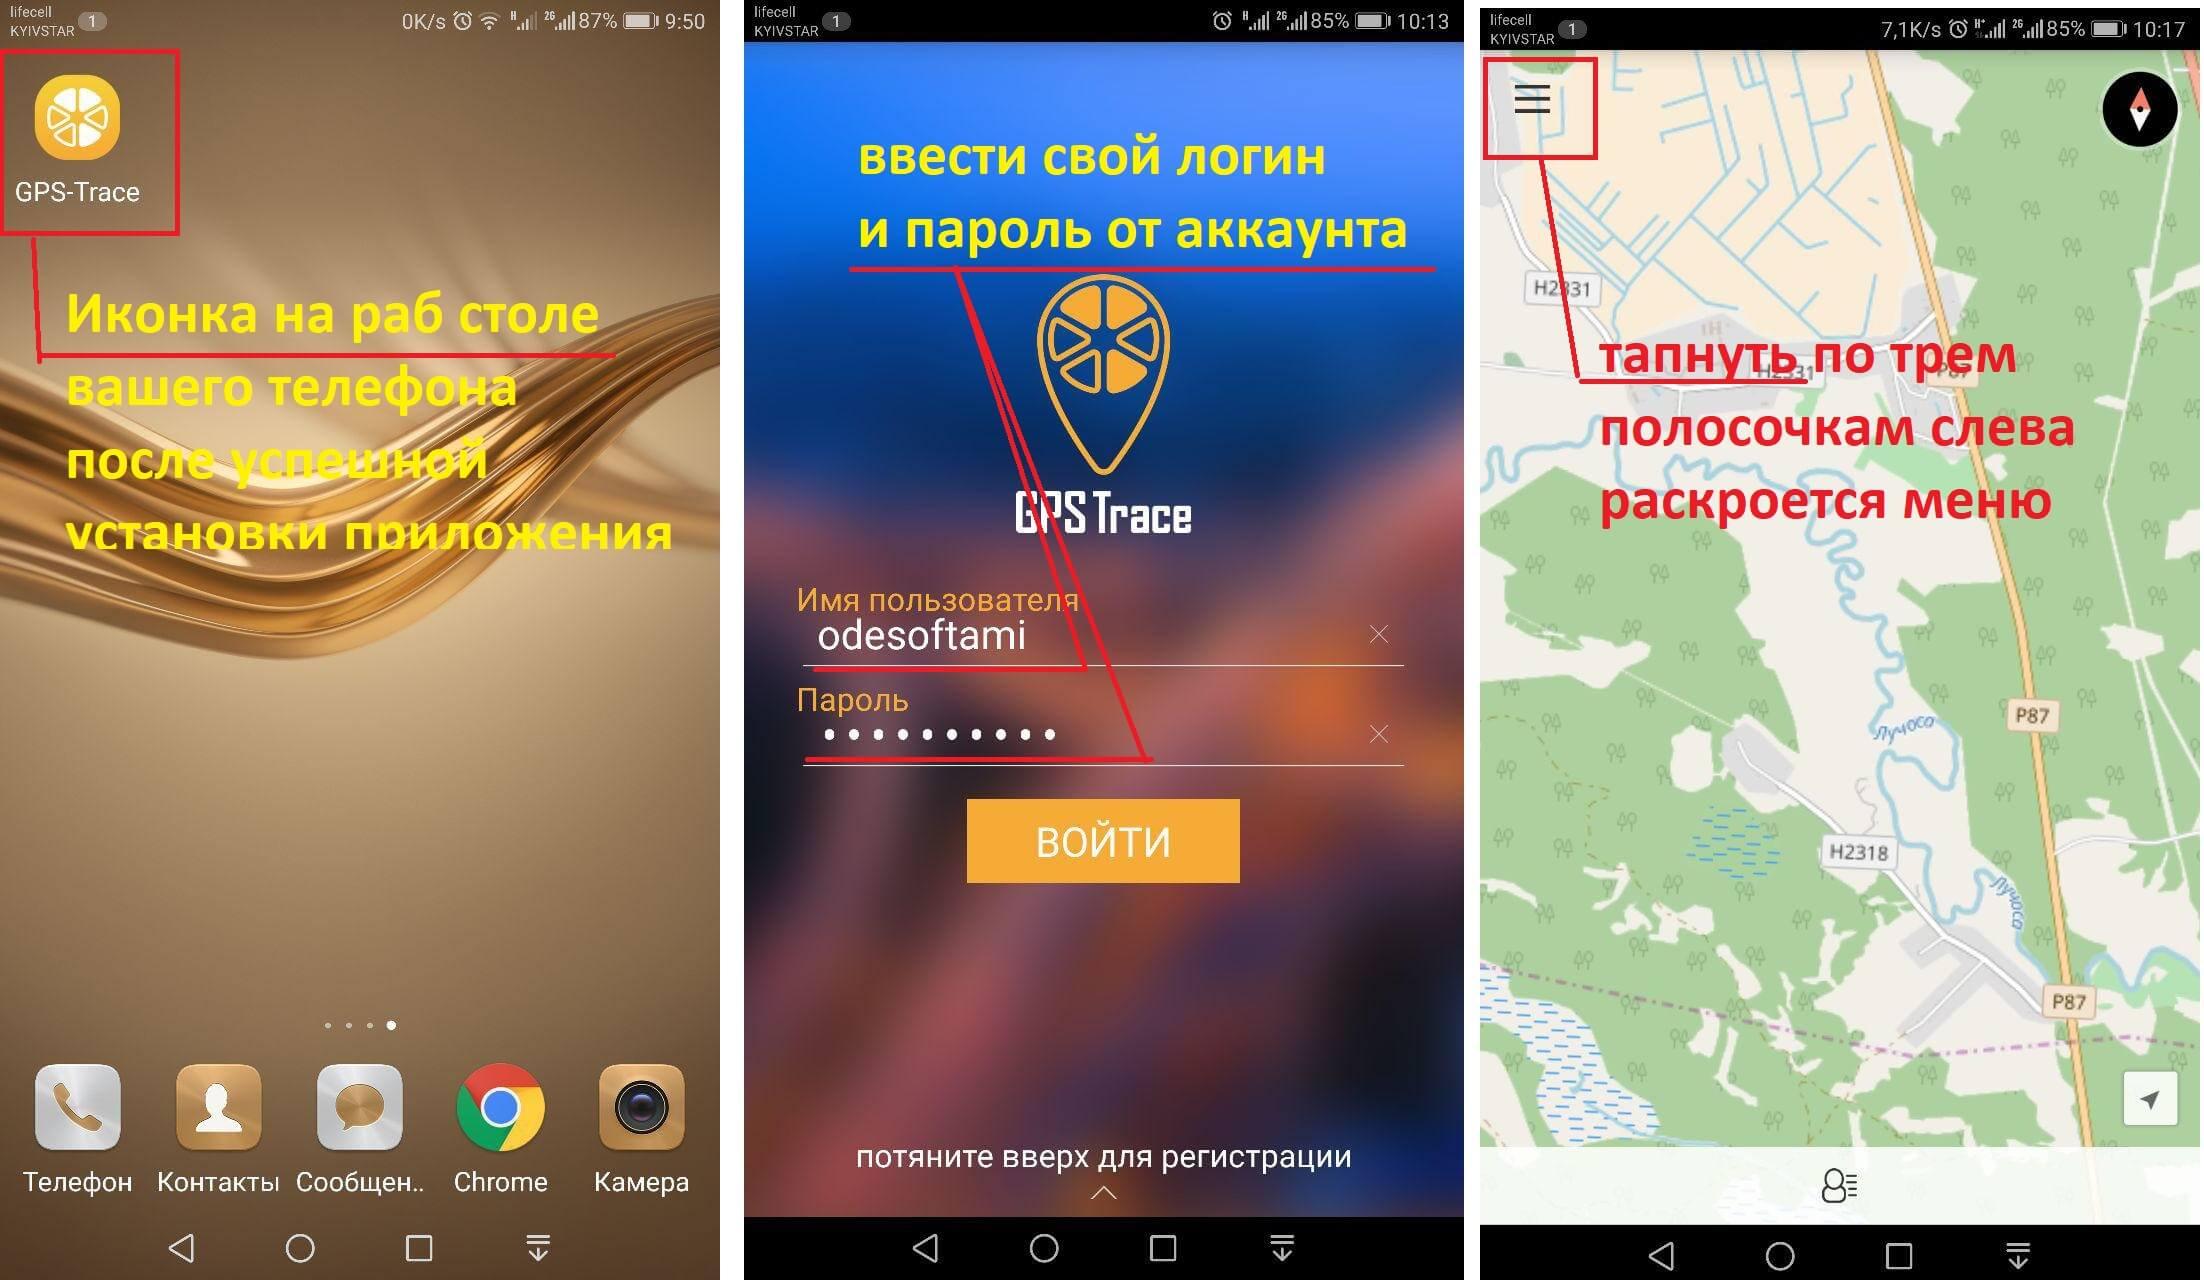 Добавление нескольких объектов  GPS-Trace через приложение Android